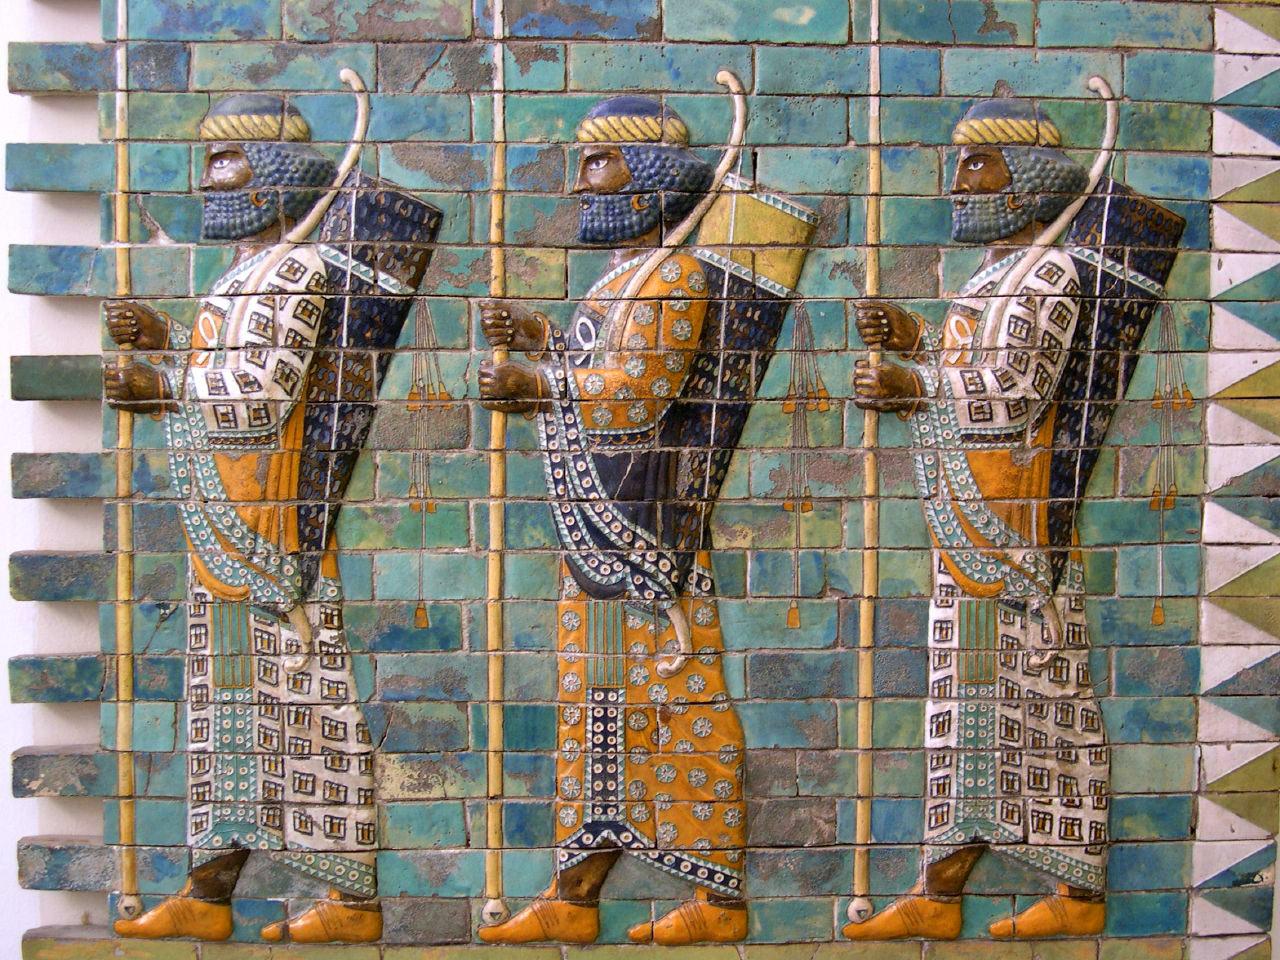 上图:书珊城(Susa)大流士王宫里的波斯战士浮雕,现藏于柏林别加摩博物馆(Pergamon Museum)。